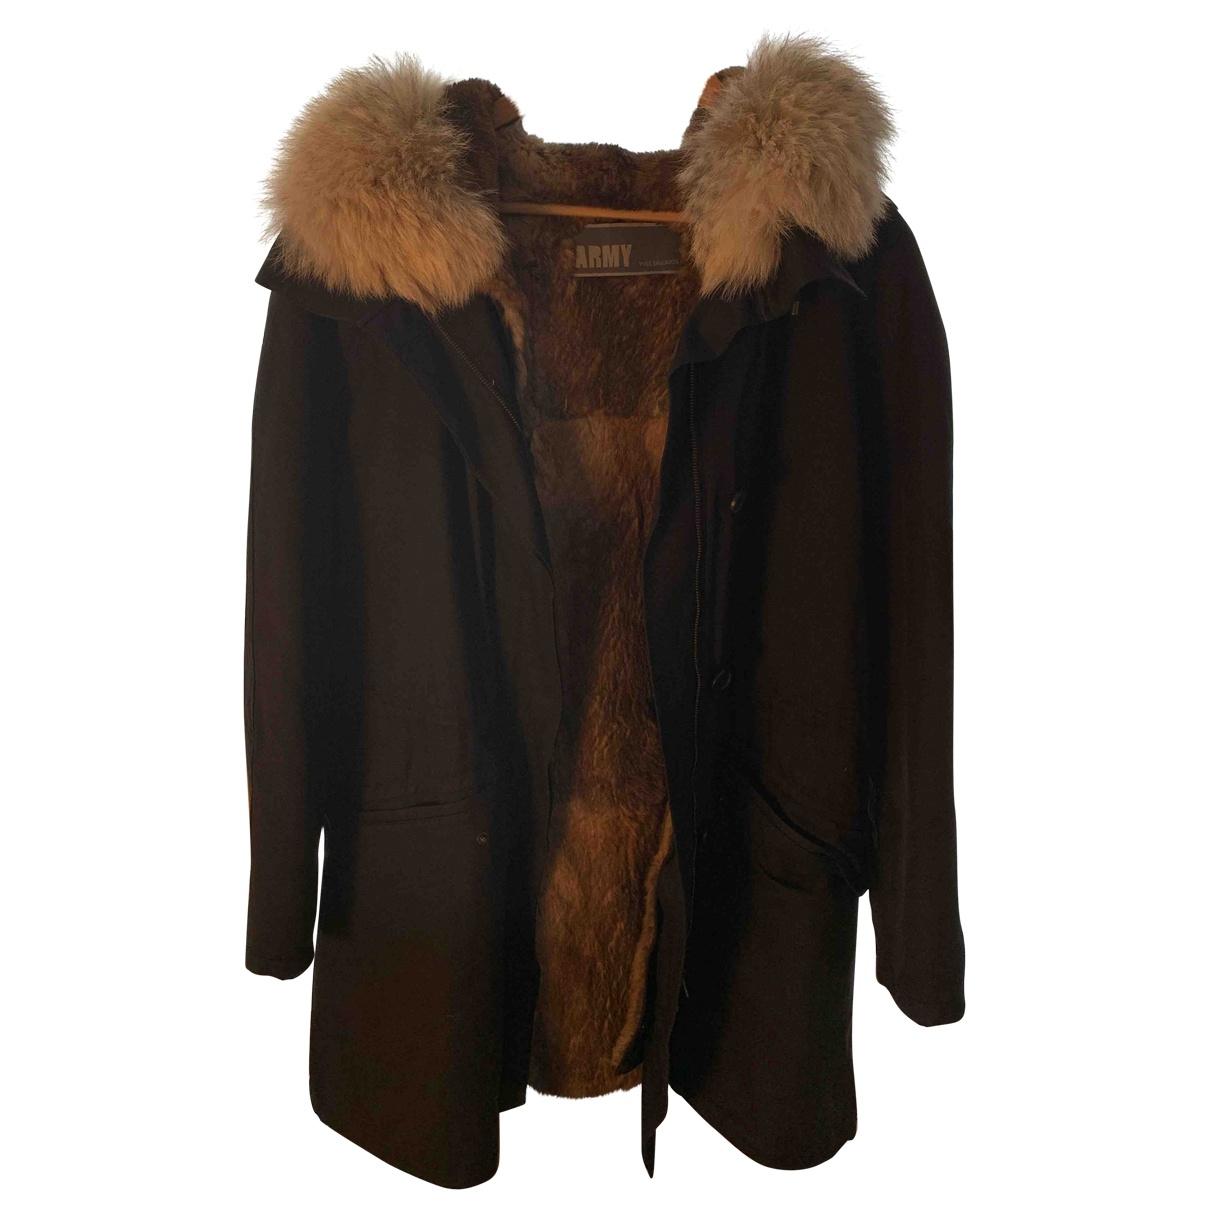 Army - Manteau   pour femme en lapin - marine